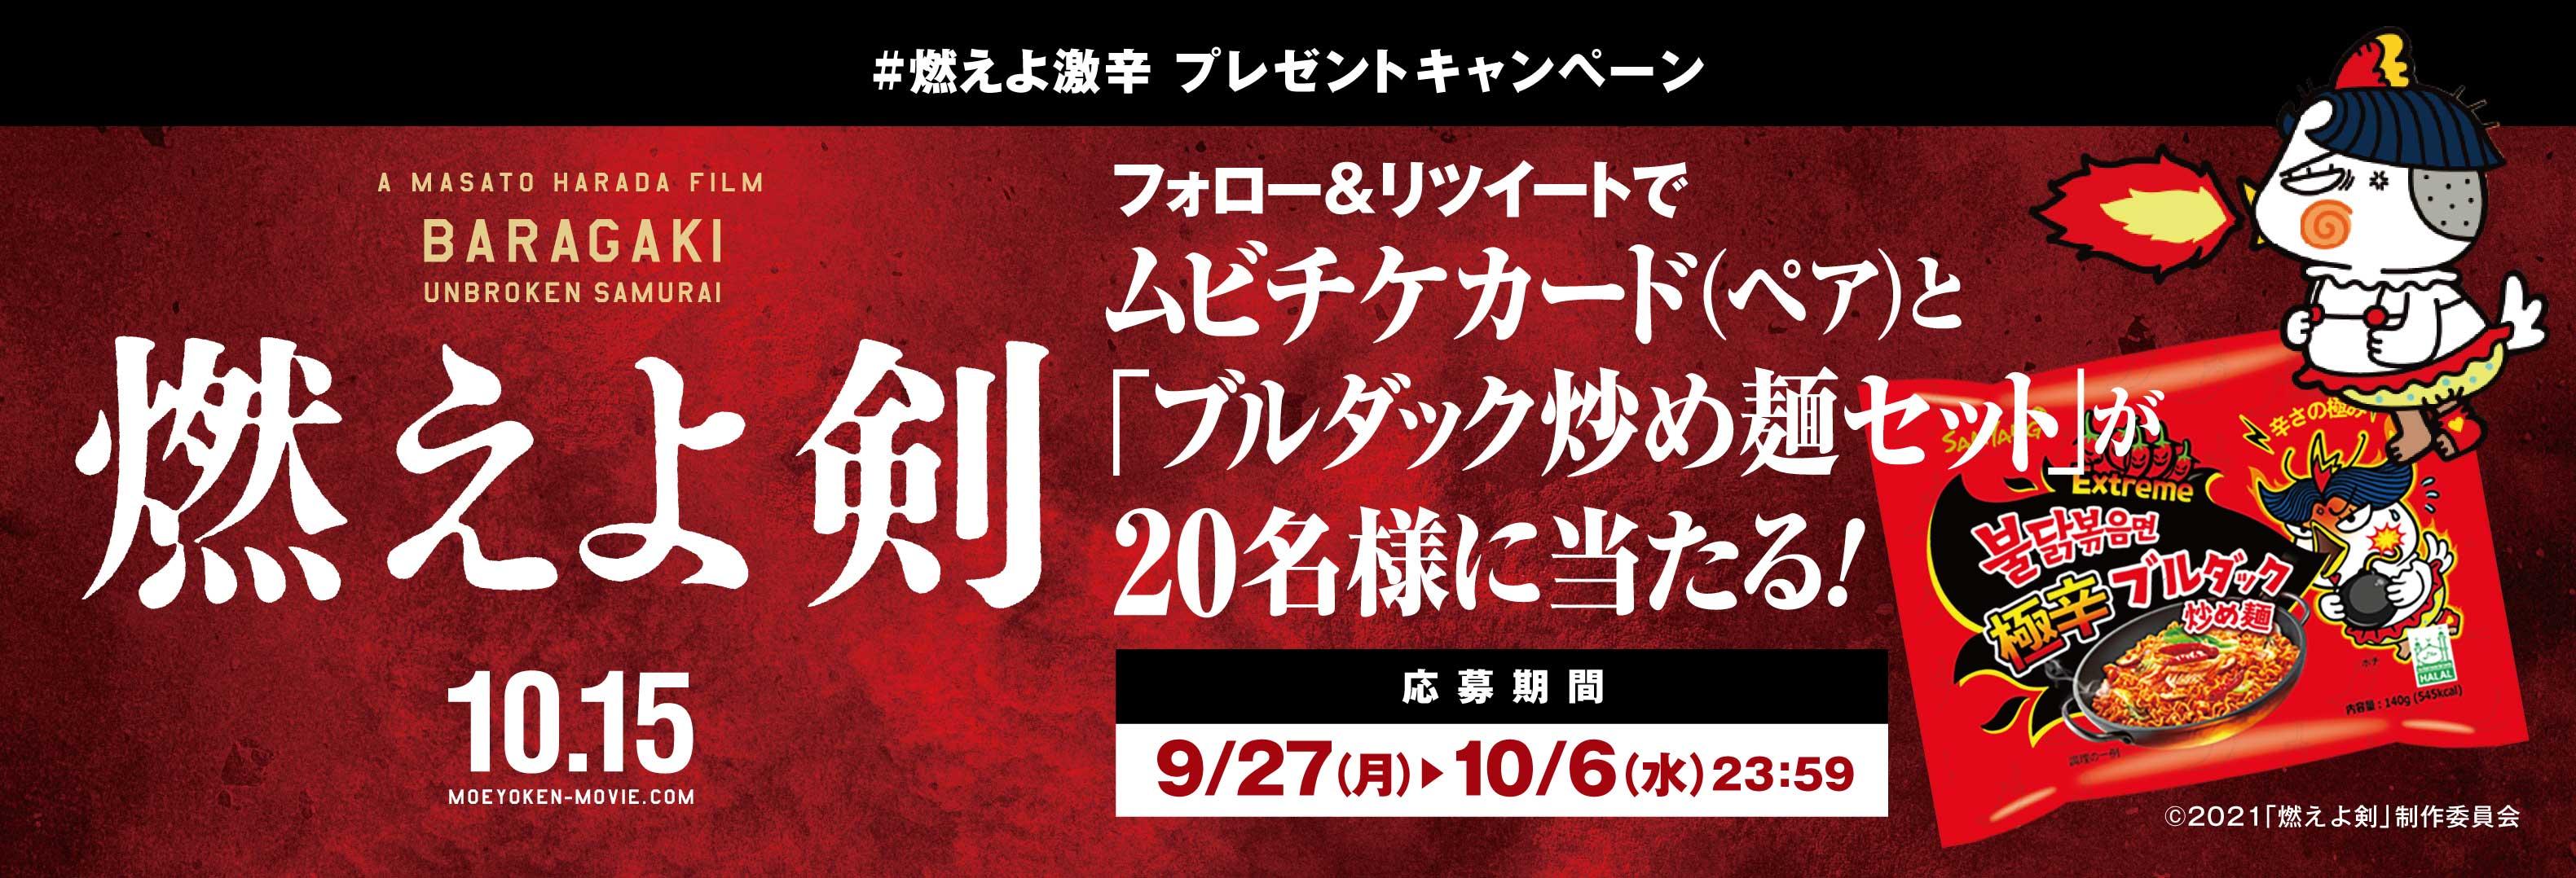 【映画『燃えよ剣』×ブルダック炒め麺】ムビチケ&ブルダック炒め麺プレゼントキャンペーン開催決定!